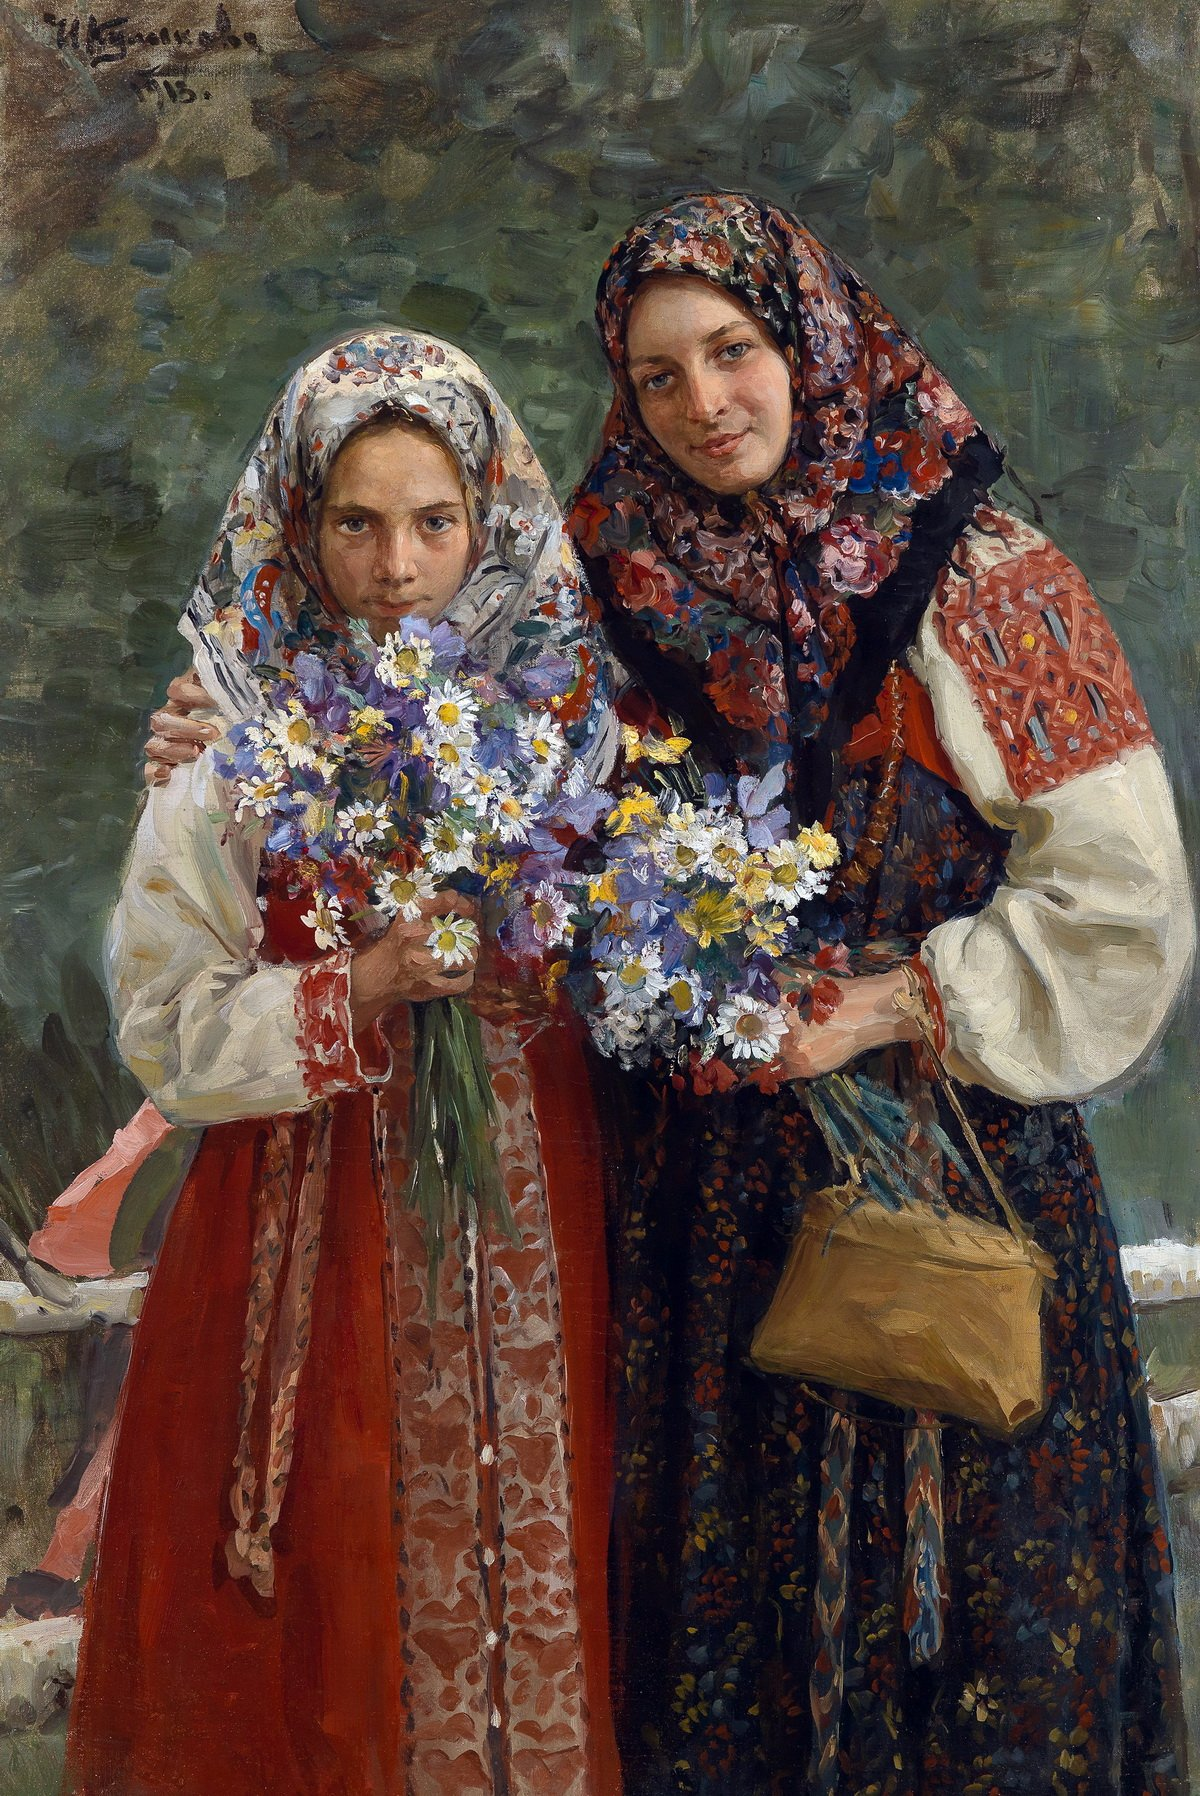 Русские замужние женщины фото 17 фотография